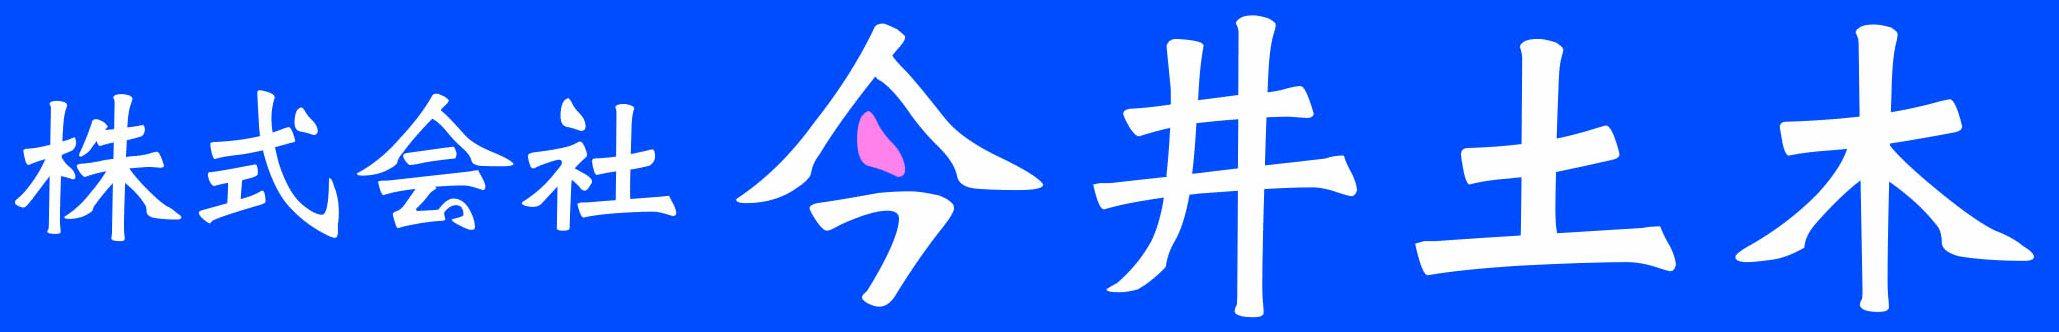 株式会社今井土木